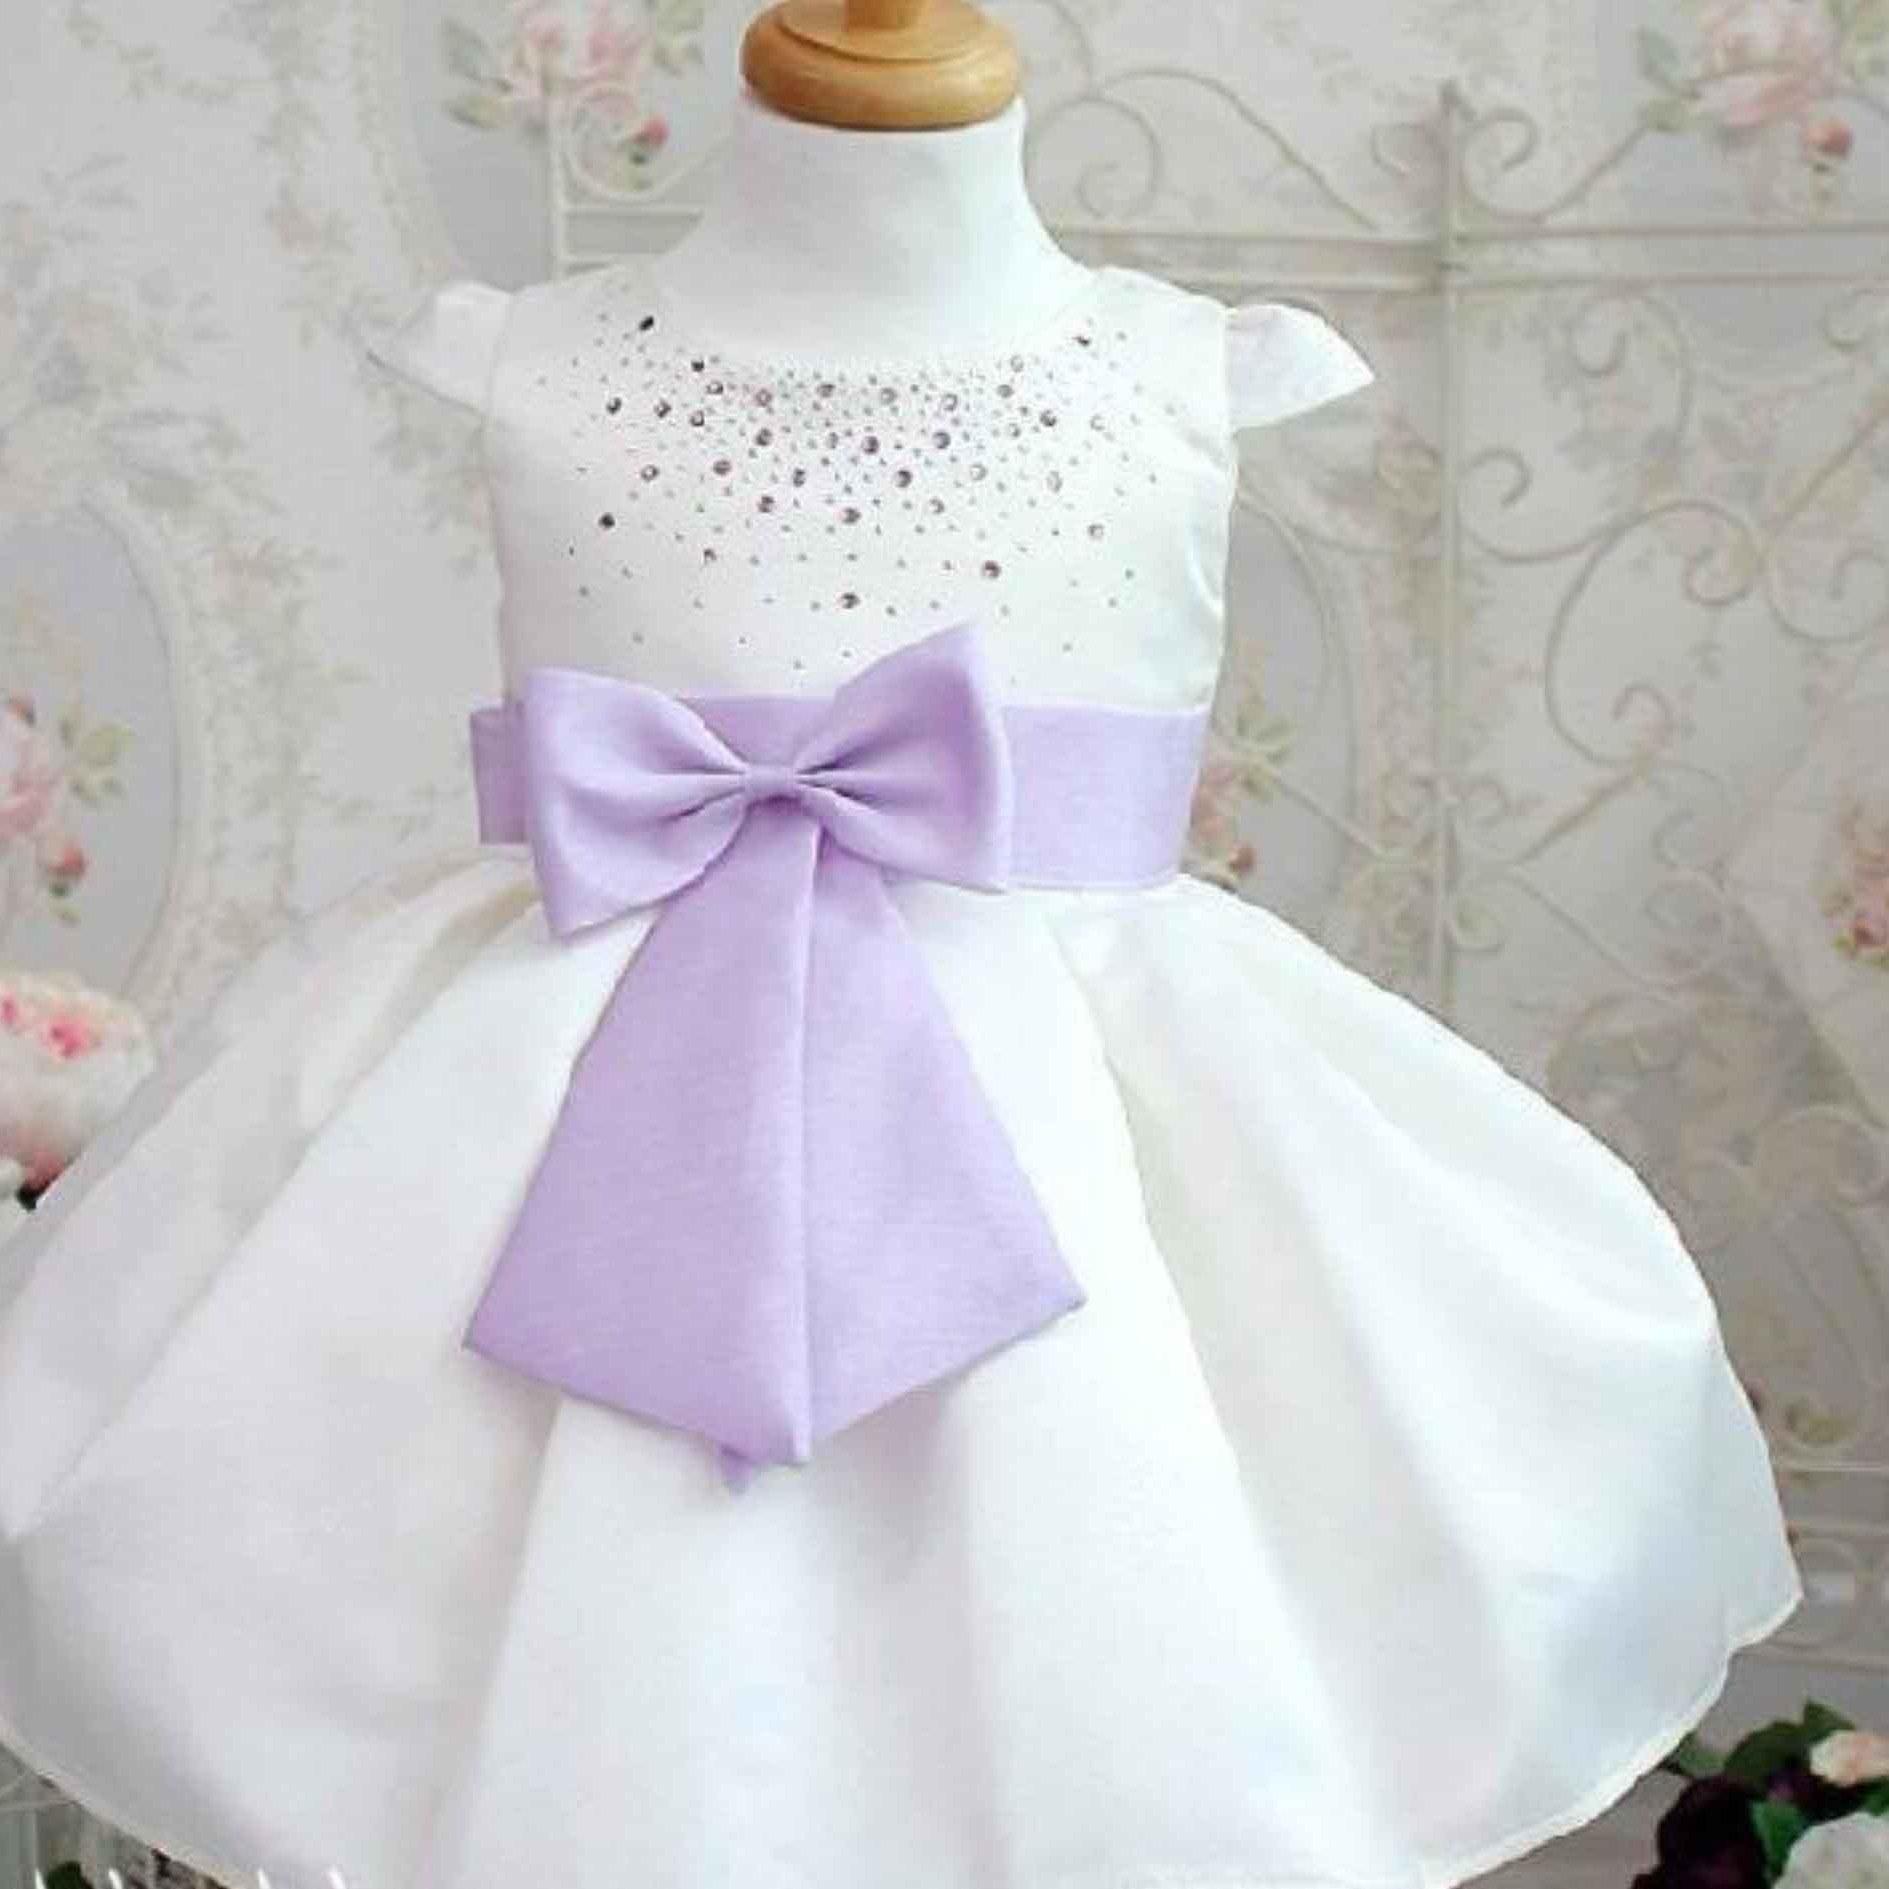 Ide Baju Lebaran Anak Perempuan Umur 10 Tahun U3dh 7 Referensi Tentang Harga Baju Bayi Perempuan 6 Bulan